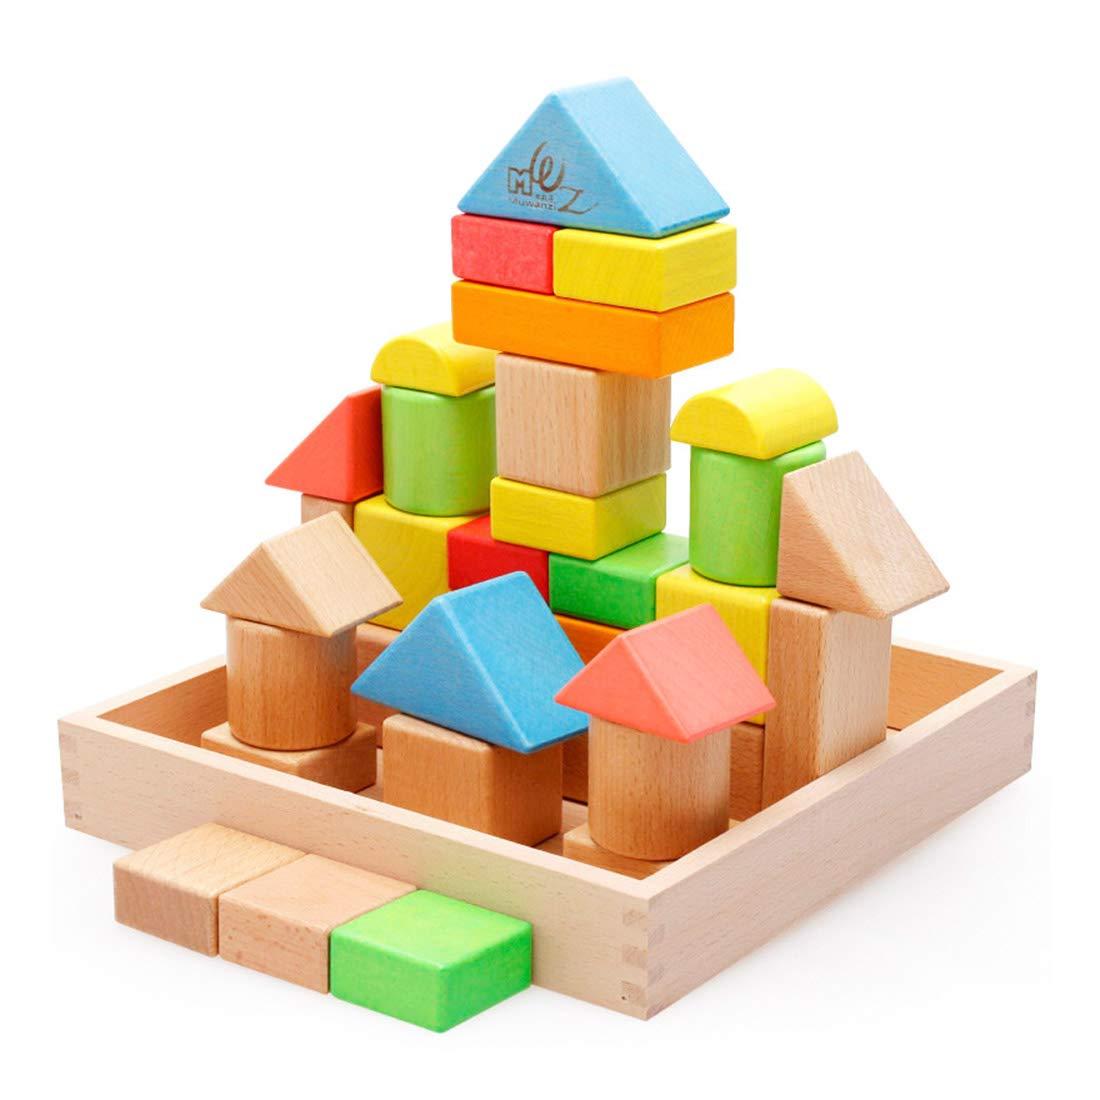 32ピース木製組み立てレンガ カラフルビルディングブロック 子供用教育玩具   B07HJ79TR1